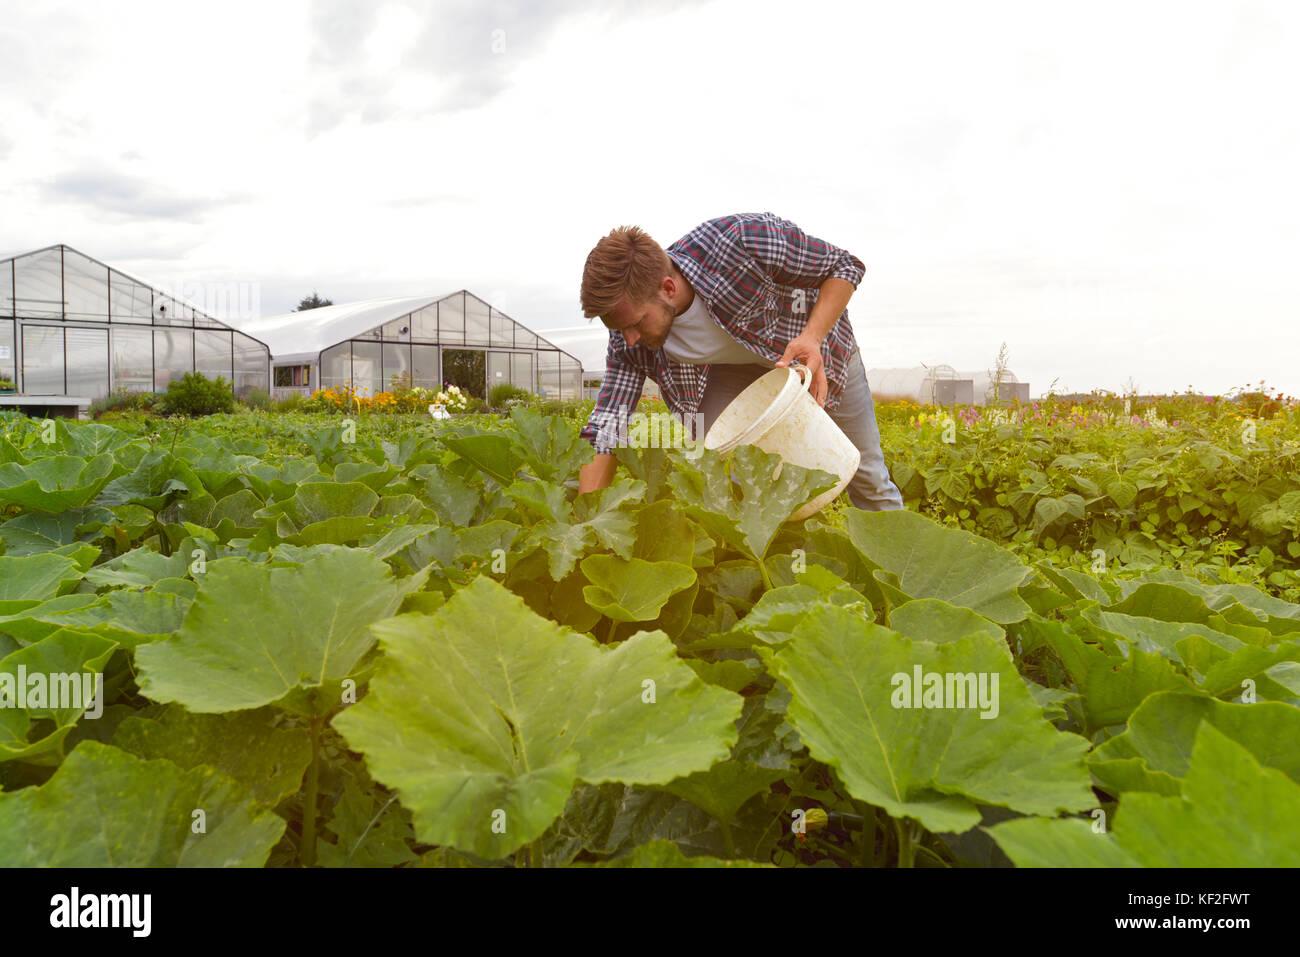 Farmer bei der Arbeit auf dem Feld in der Landwirtschaft - Gemüseanbau - Stock Image